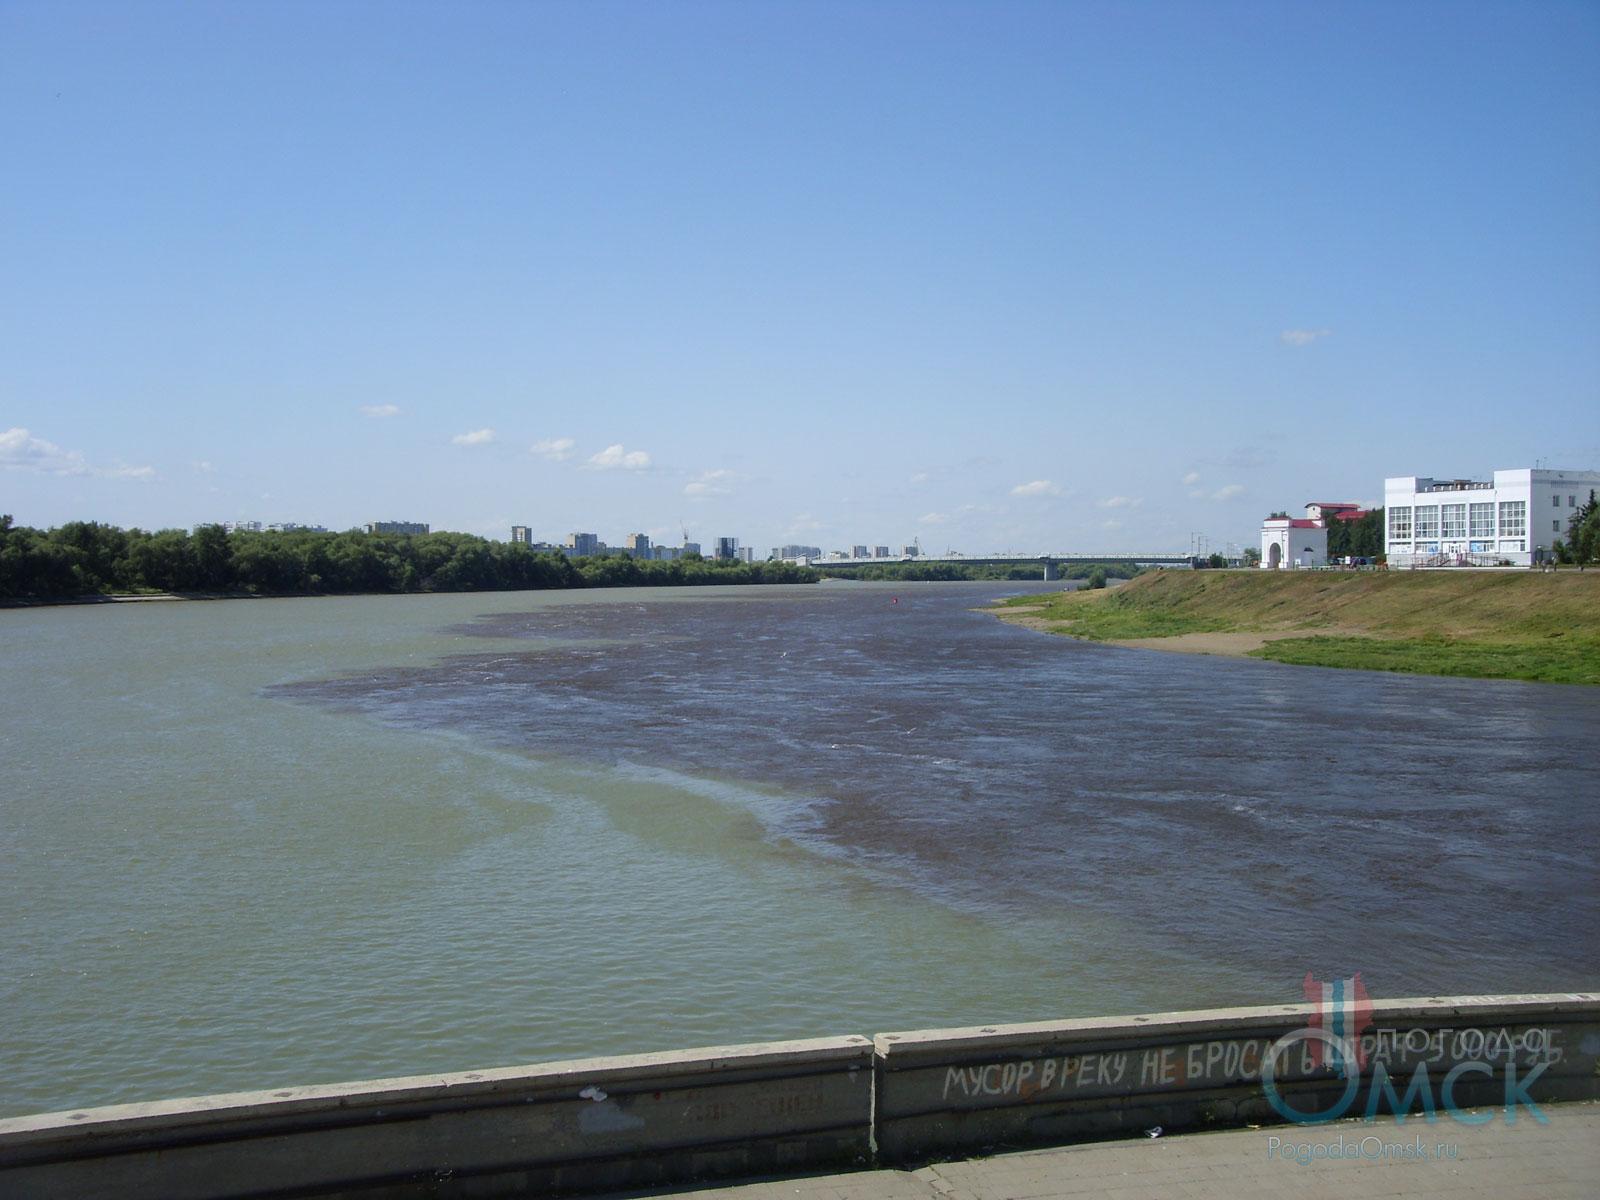 Тёмный цвет воды в реке